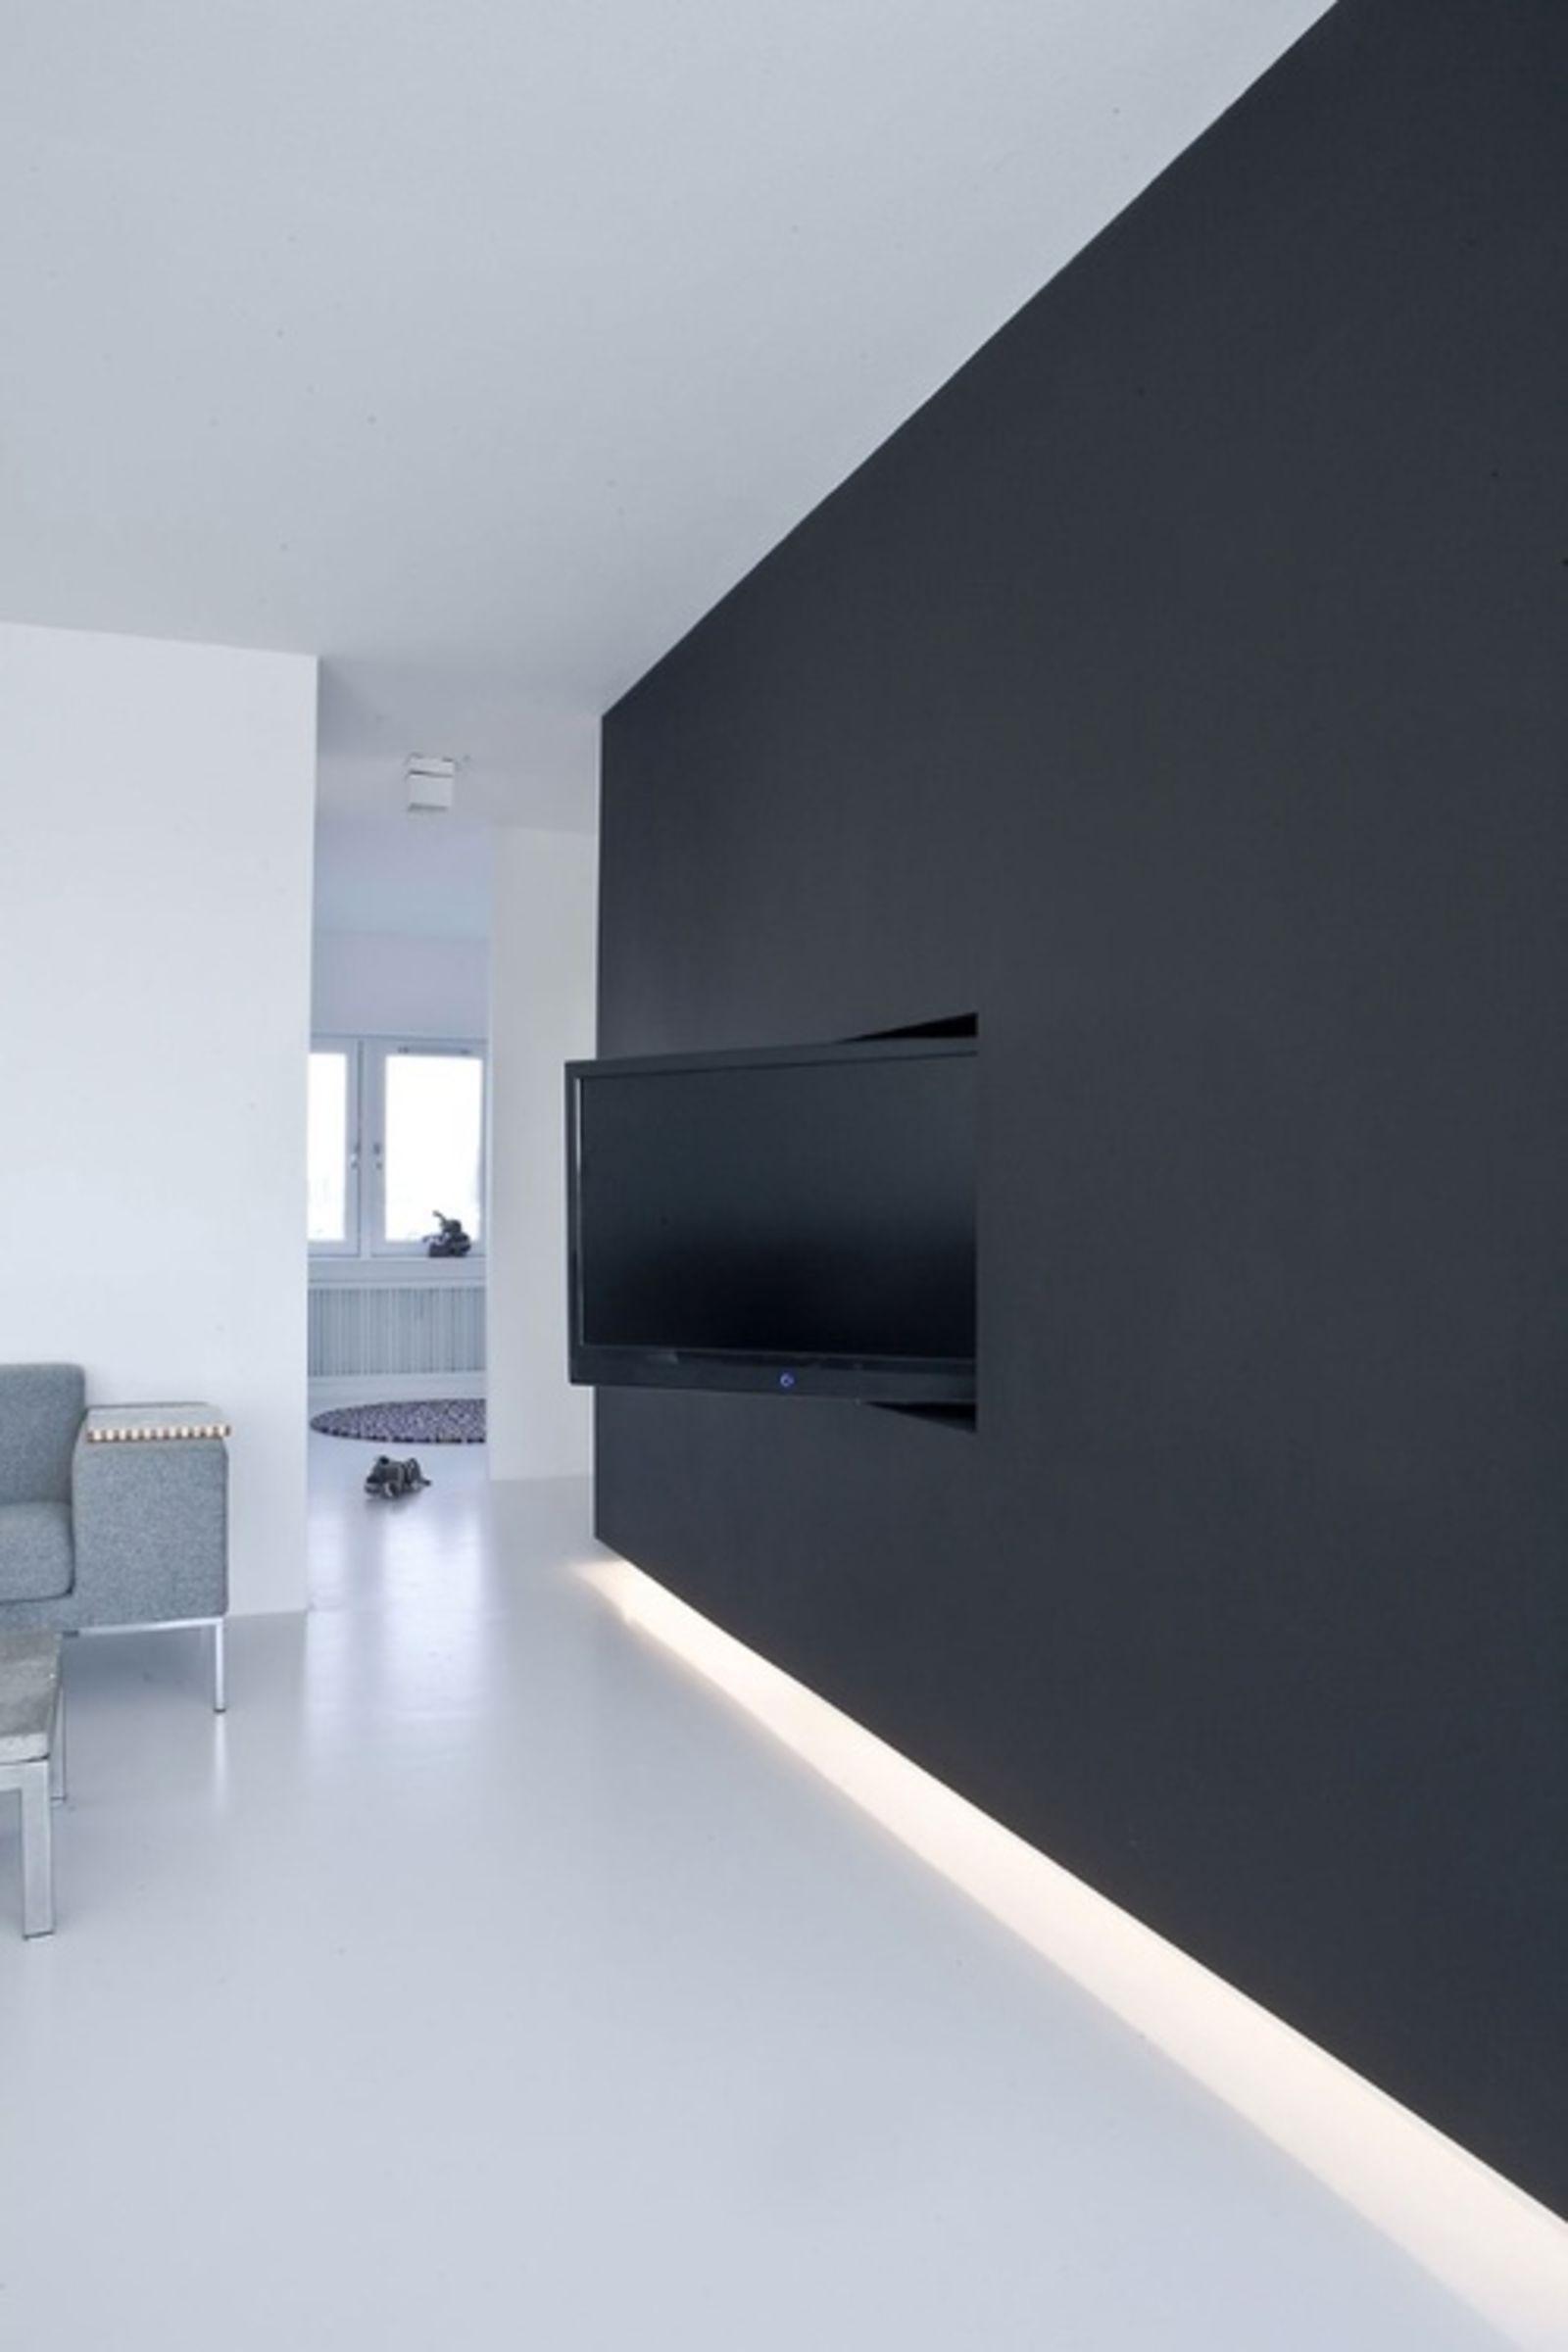 Random Inspiration #18  Wohnen, Innenarchitektur, Wohnung